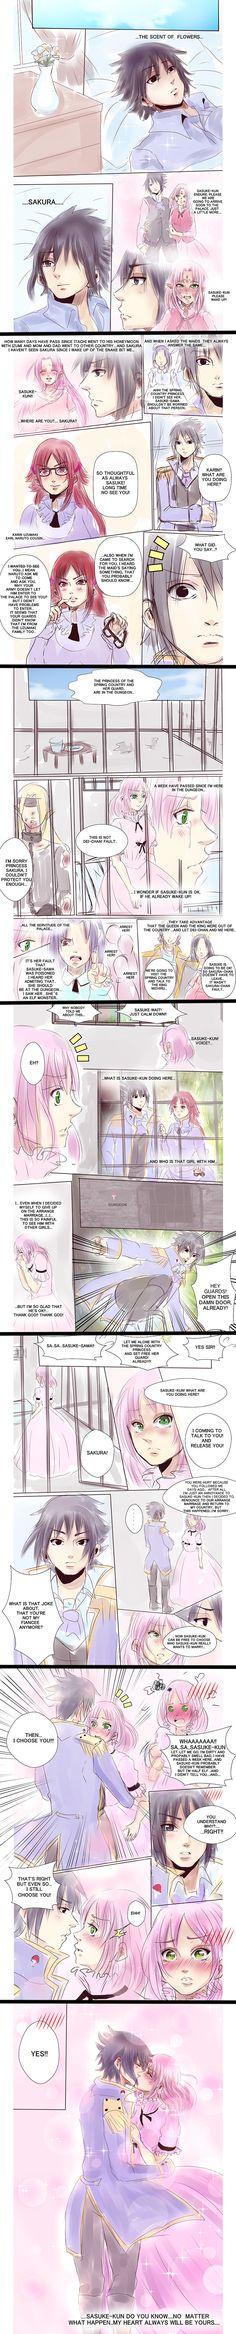 Ai no Yume_SasuSaku CH 2_24 by Yuri-chan24